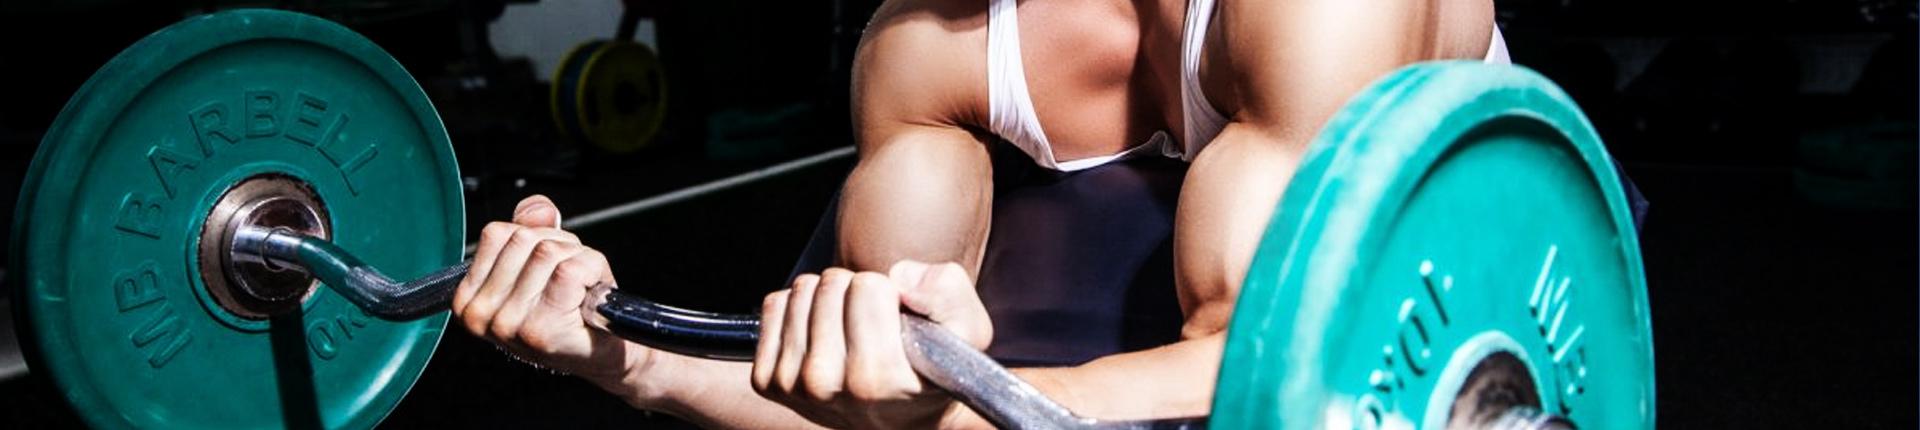 Jak szybko zwiększyć obwód bicepsów?